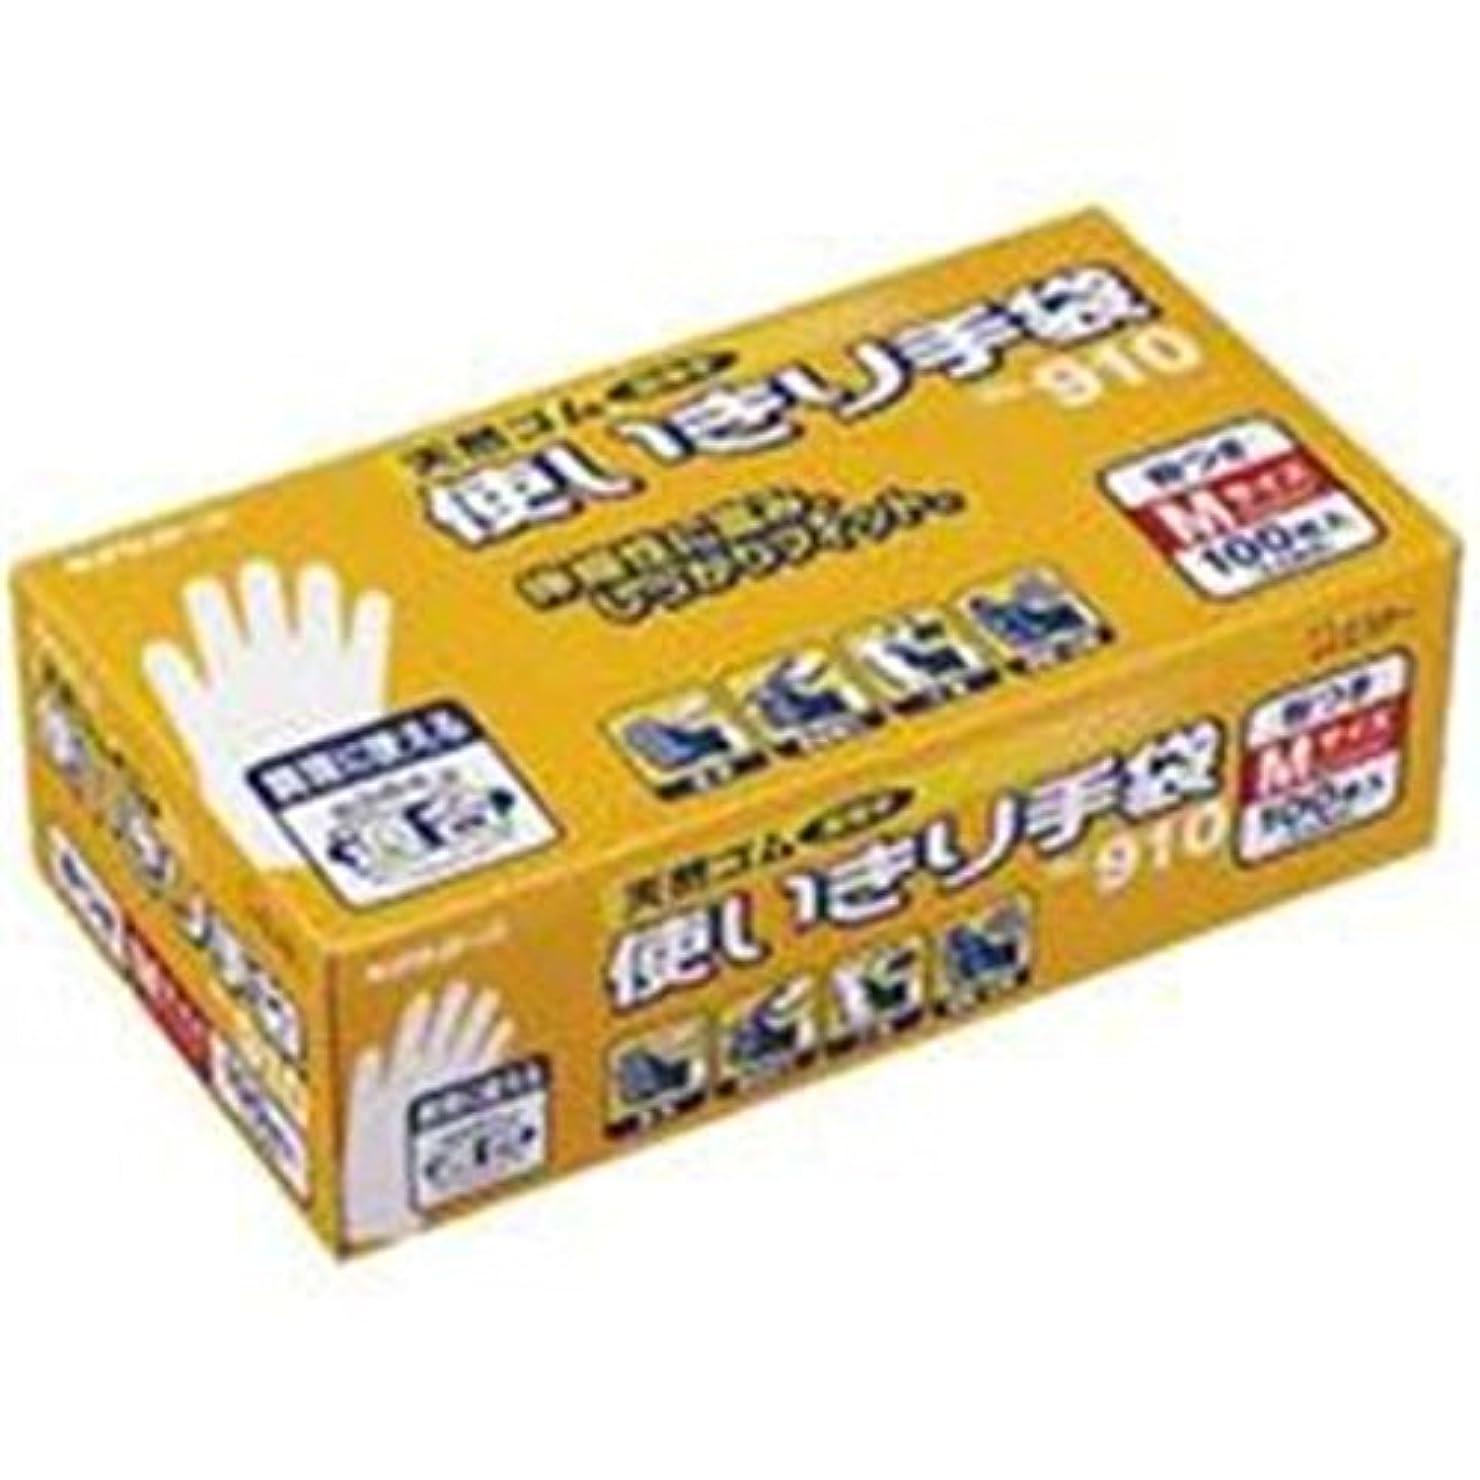 加入引き出しレスリングエステー 天然ゴム使い切り手袋 No.910 M 12箱